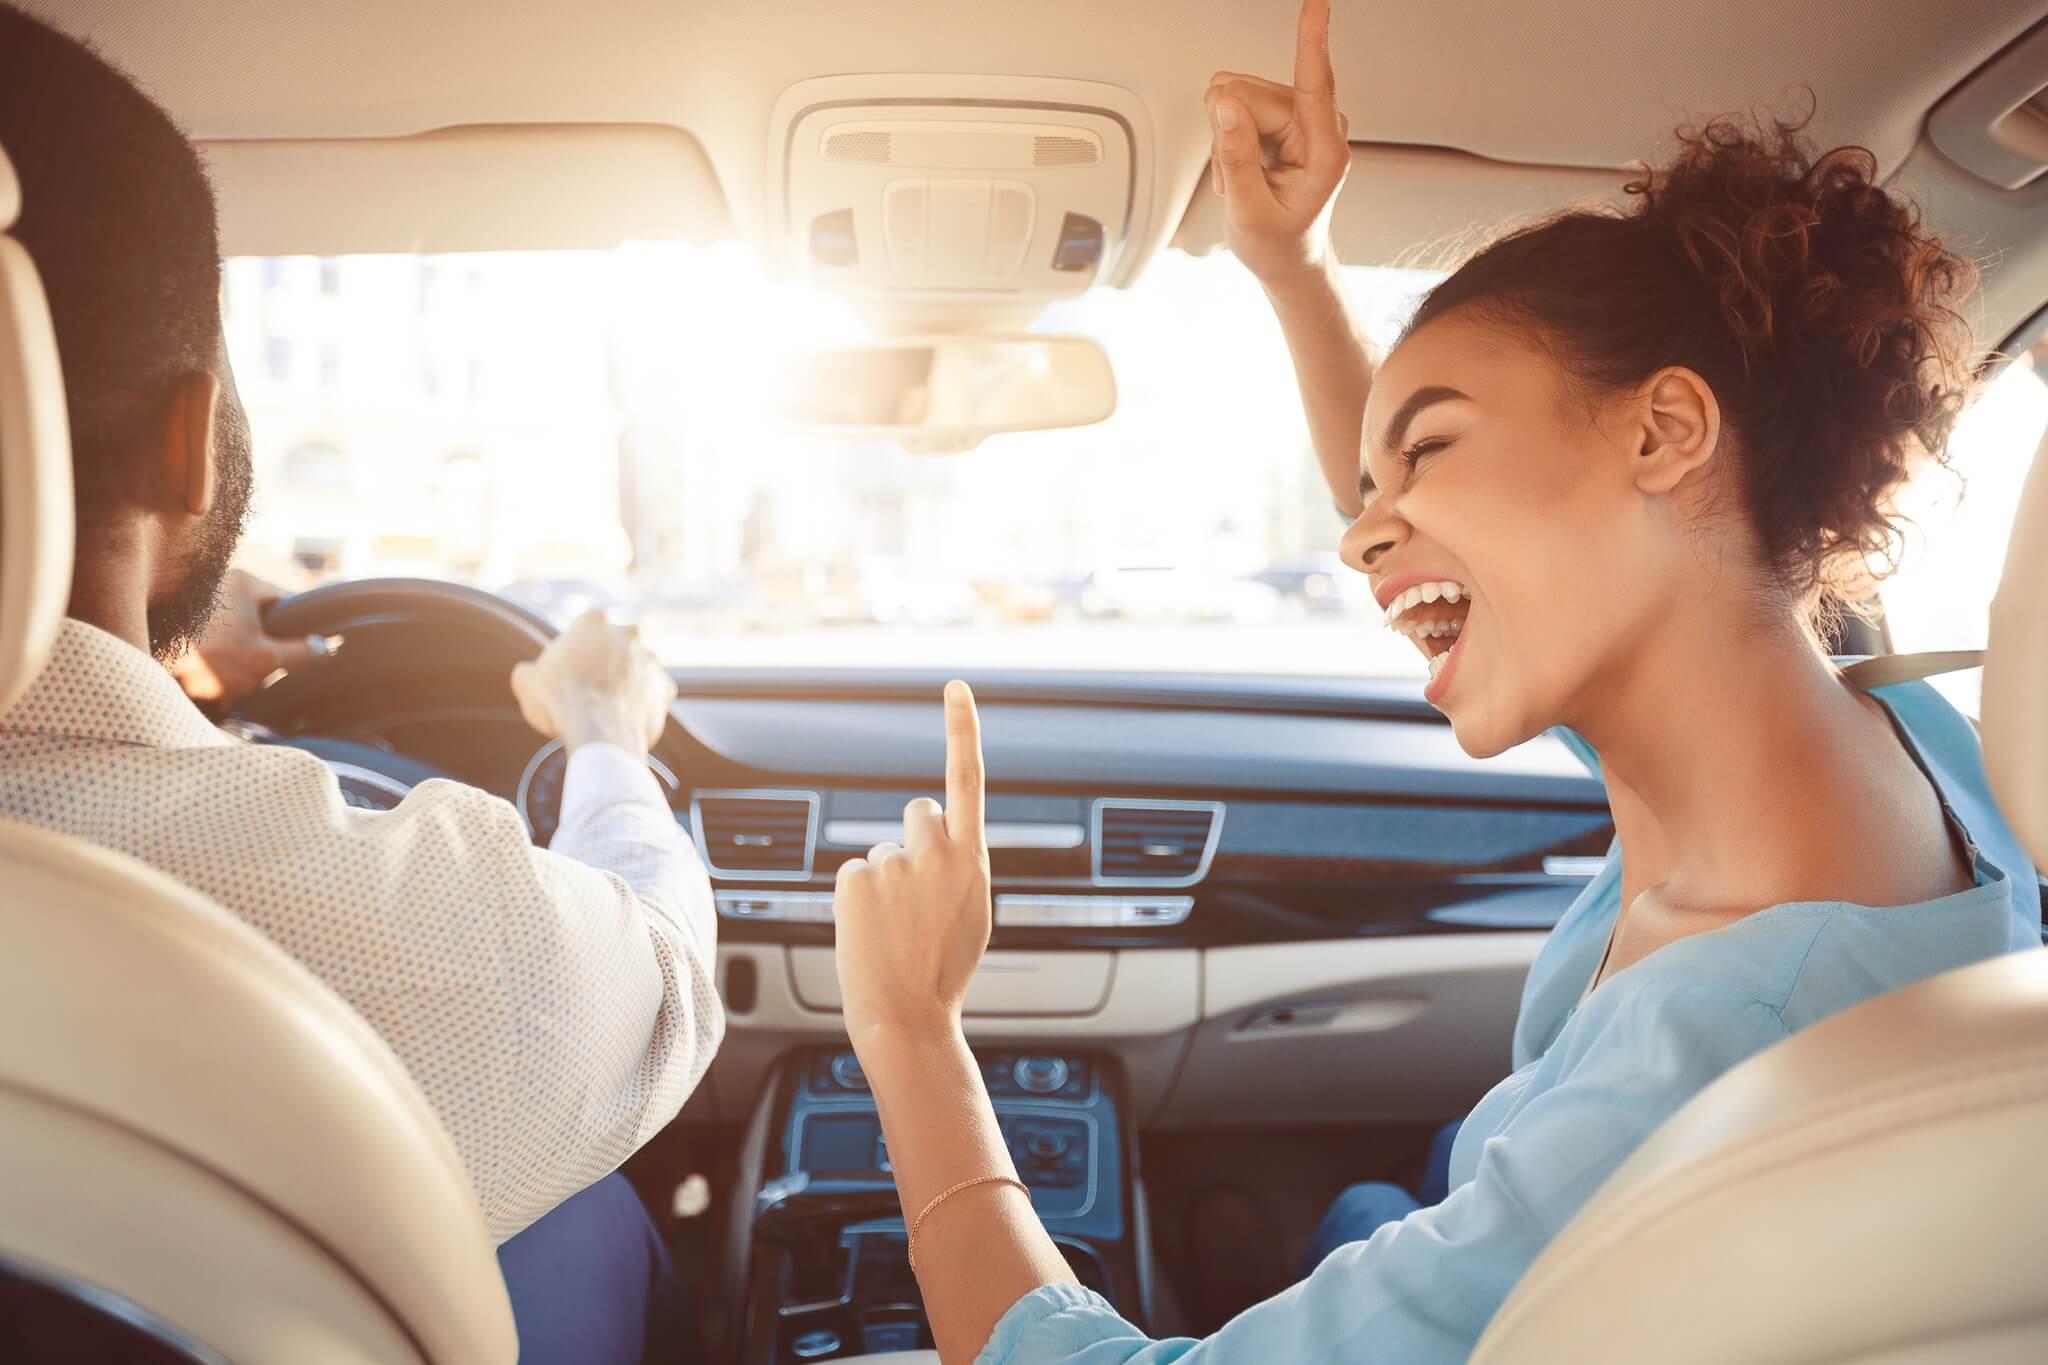 girl singing in car